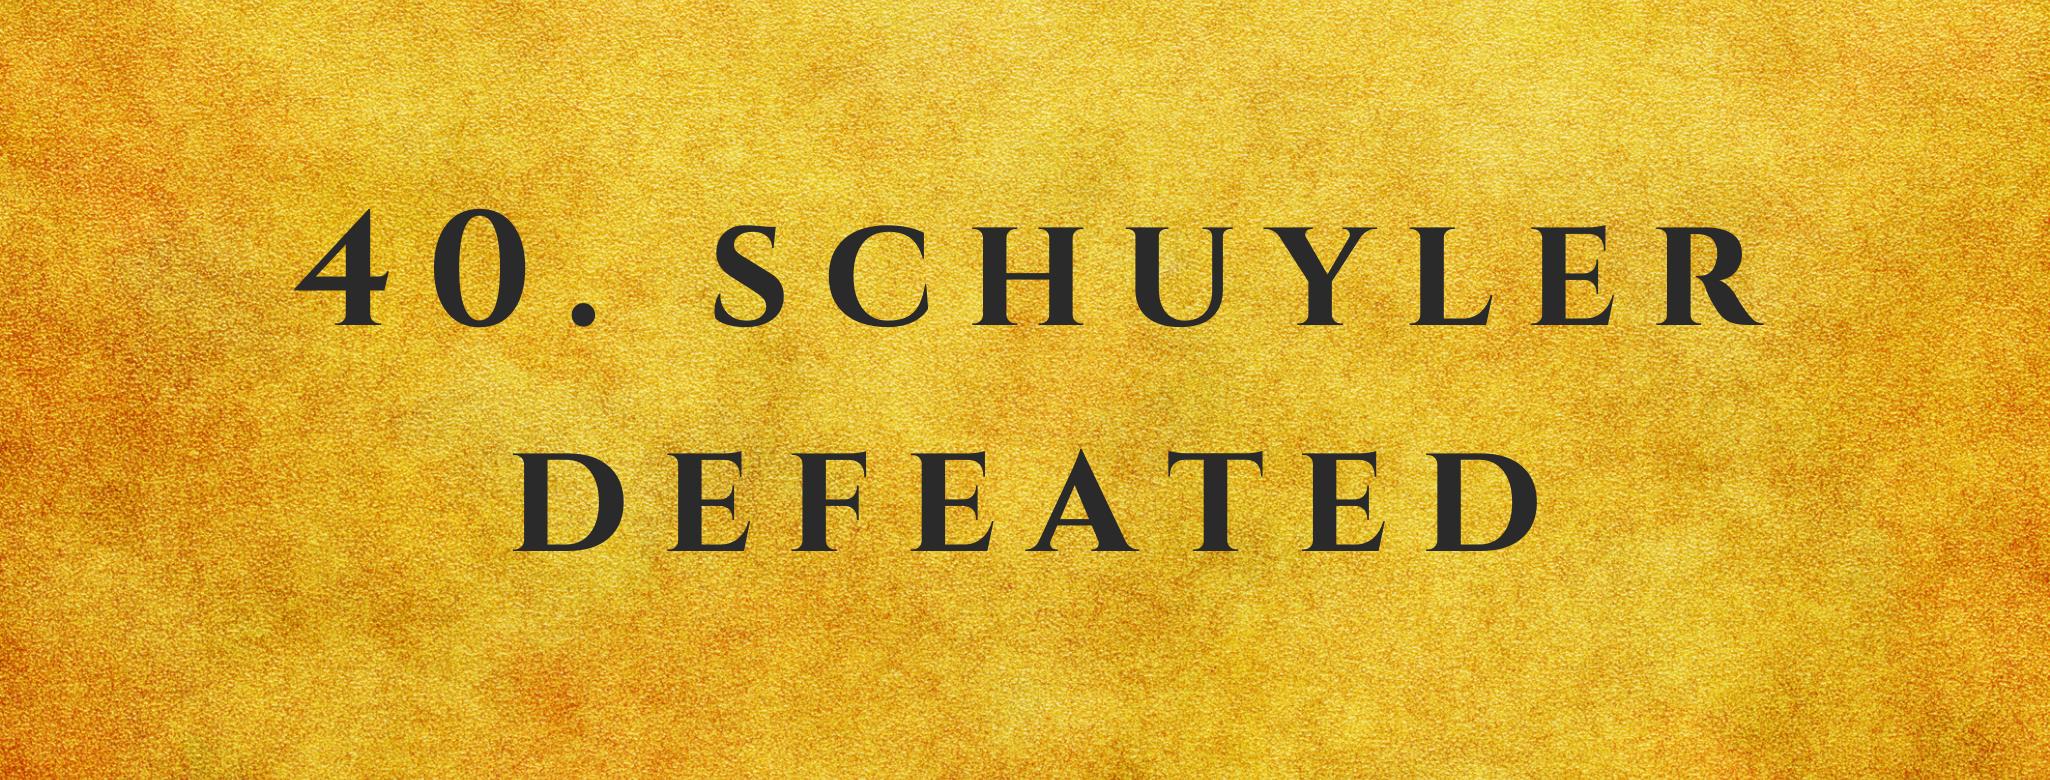 #40 Schuyler Defeated